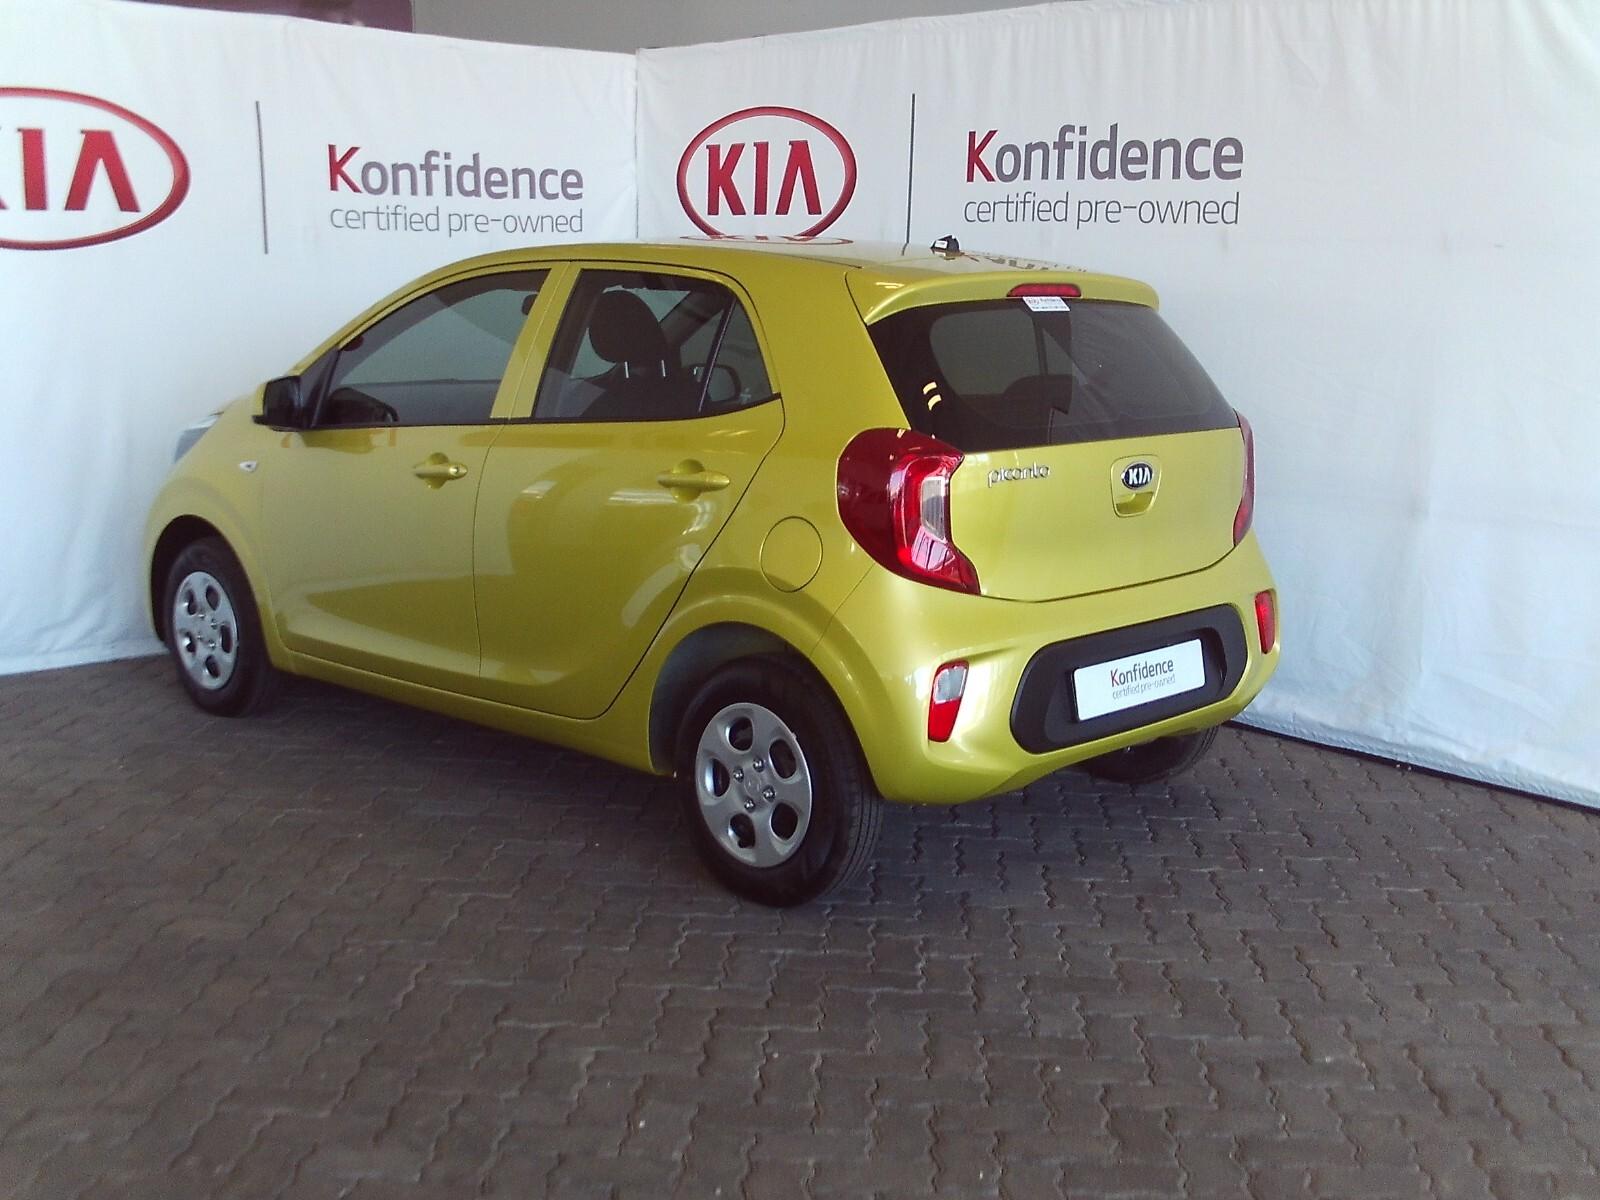 KIA 1.0 START Pretoria 3335324